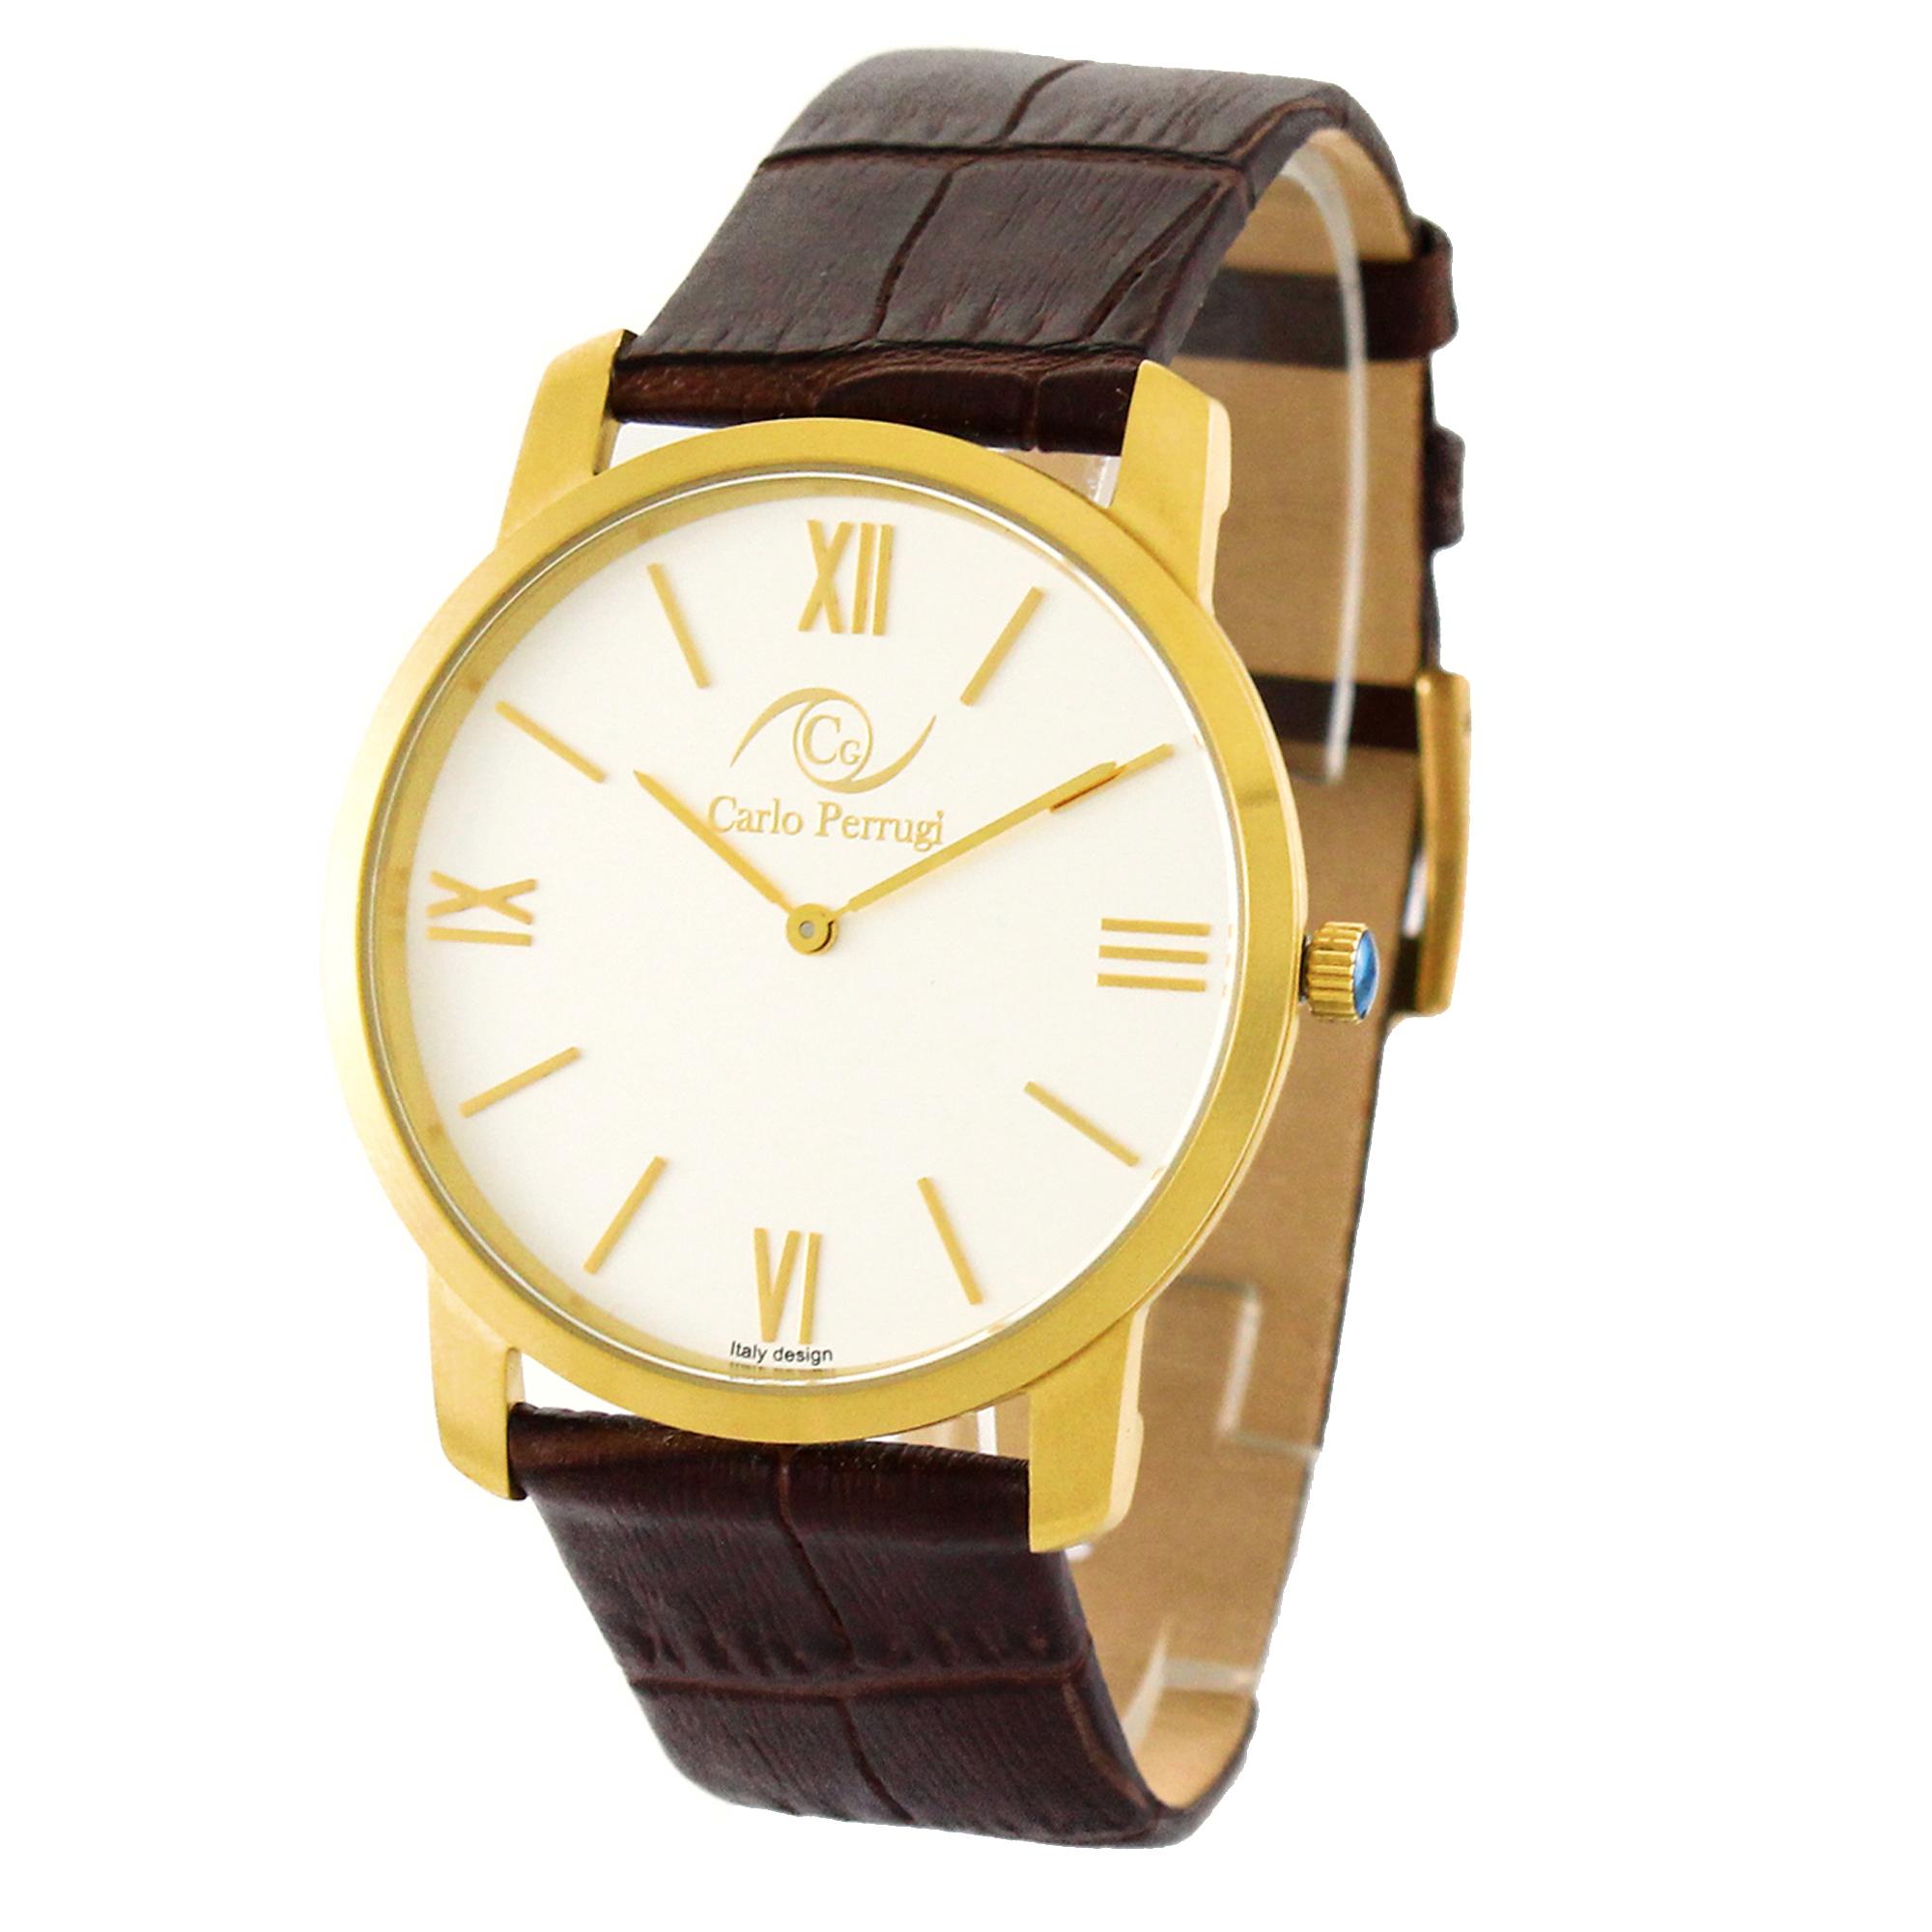 ساعت مچی عقربه ای مردانه کارلو پروجی مدل CG3003 53